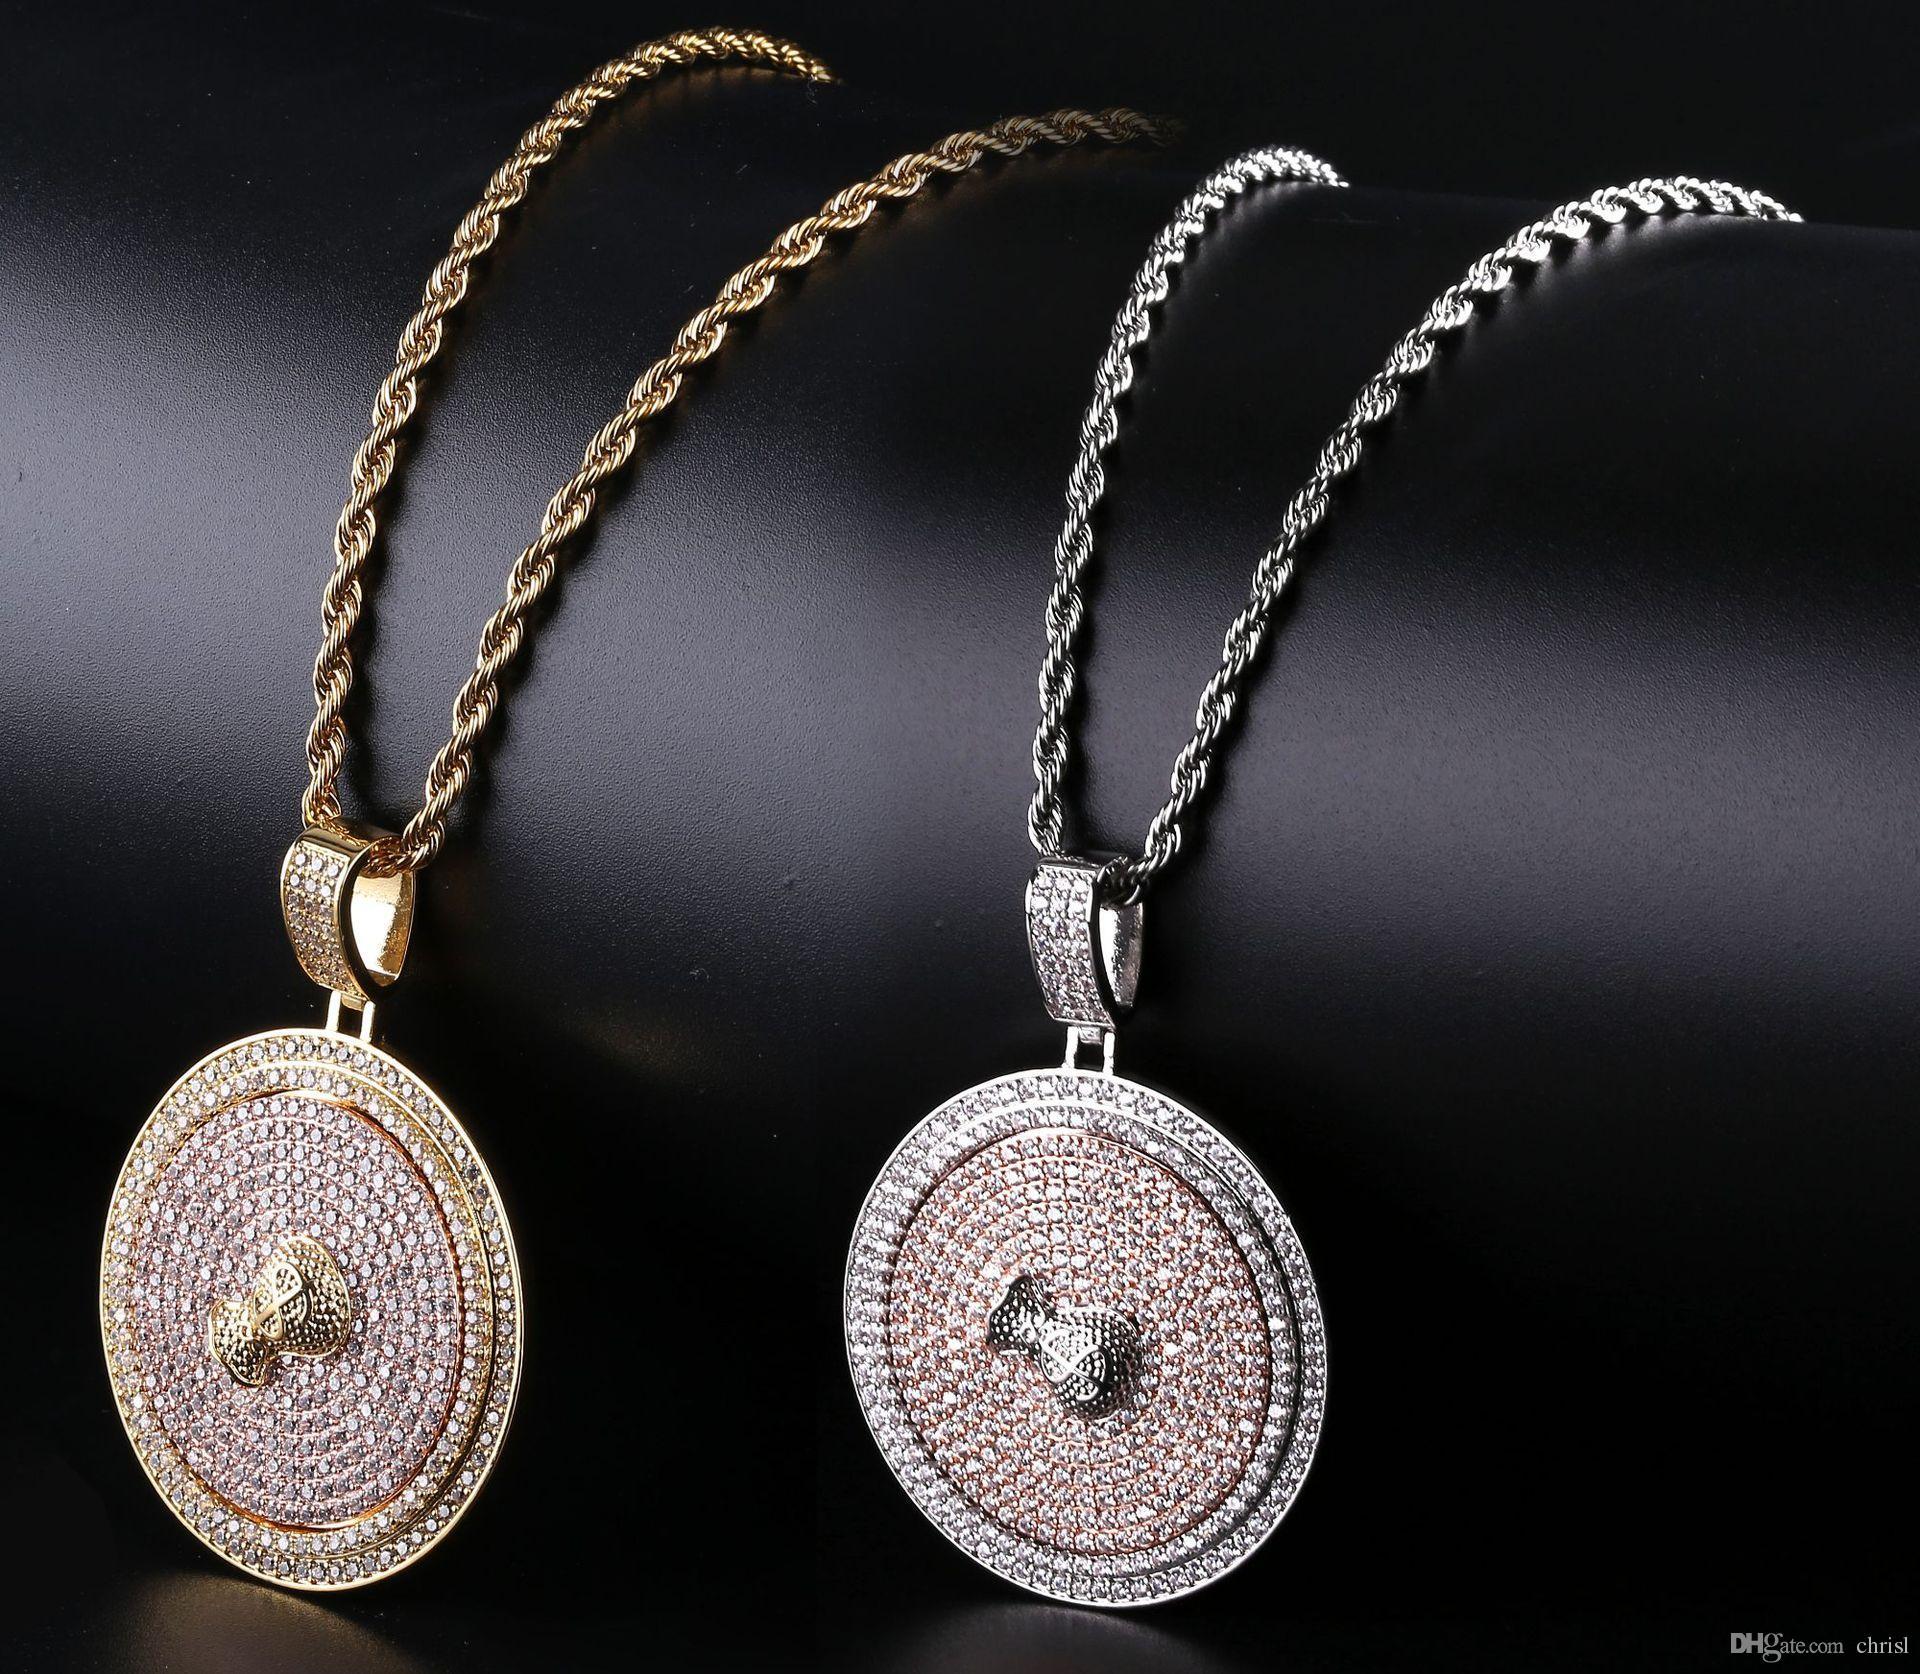 Sacco di soldi Spinner Iced Out Segno Collana pendente in ottone dorato placcato argento Micro pavimentato CZ uomini gioielli Hiphop